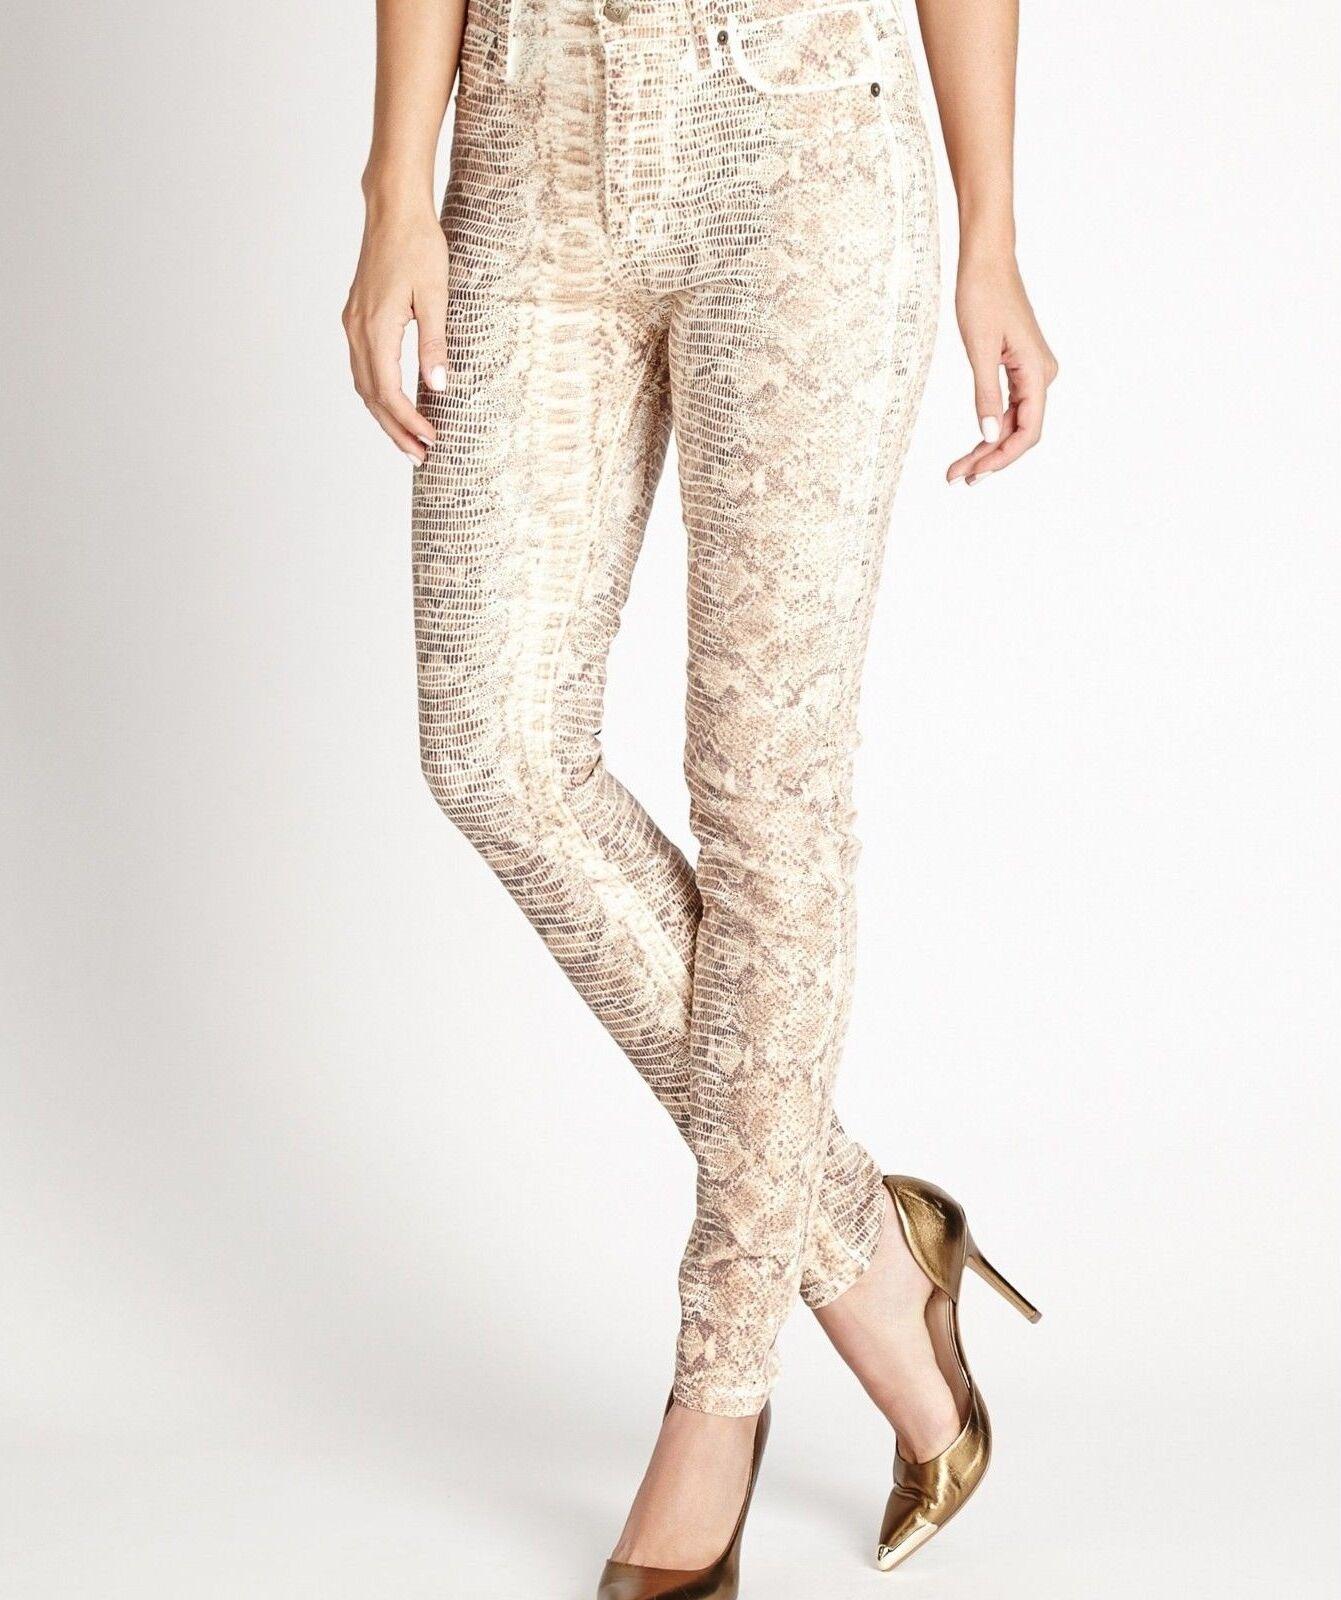 GUESS Women's Power Skinny Jeans - Milk Snake Foil Wash sz 27